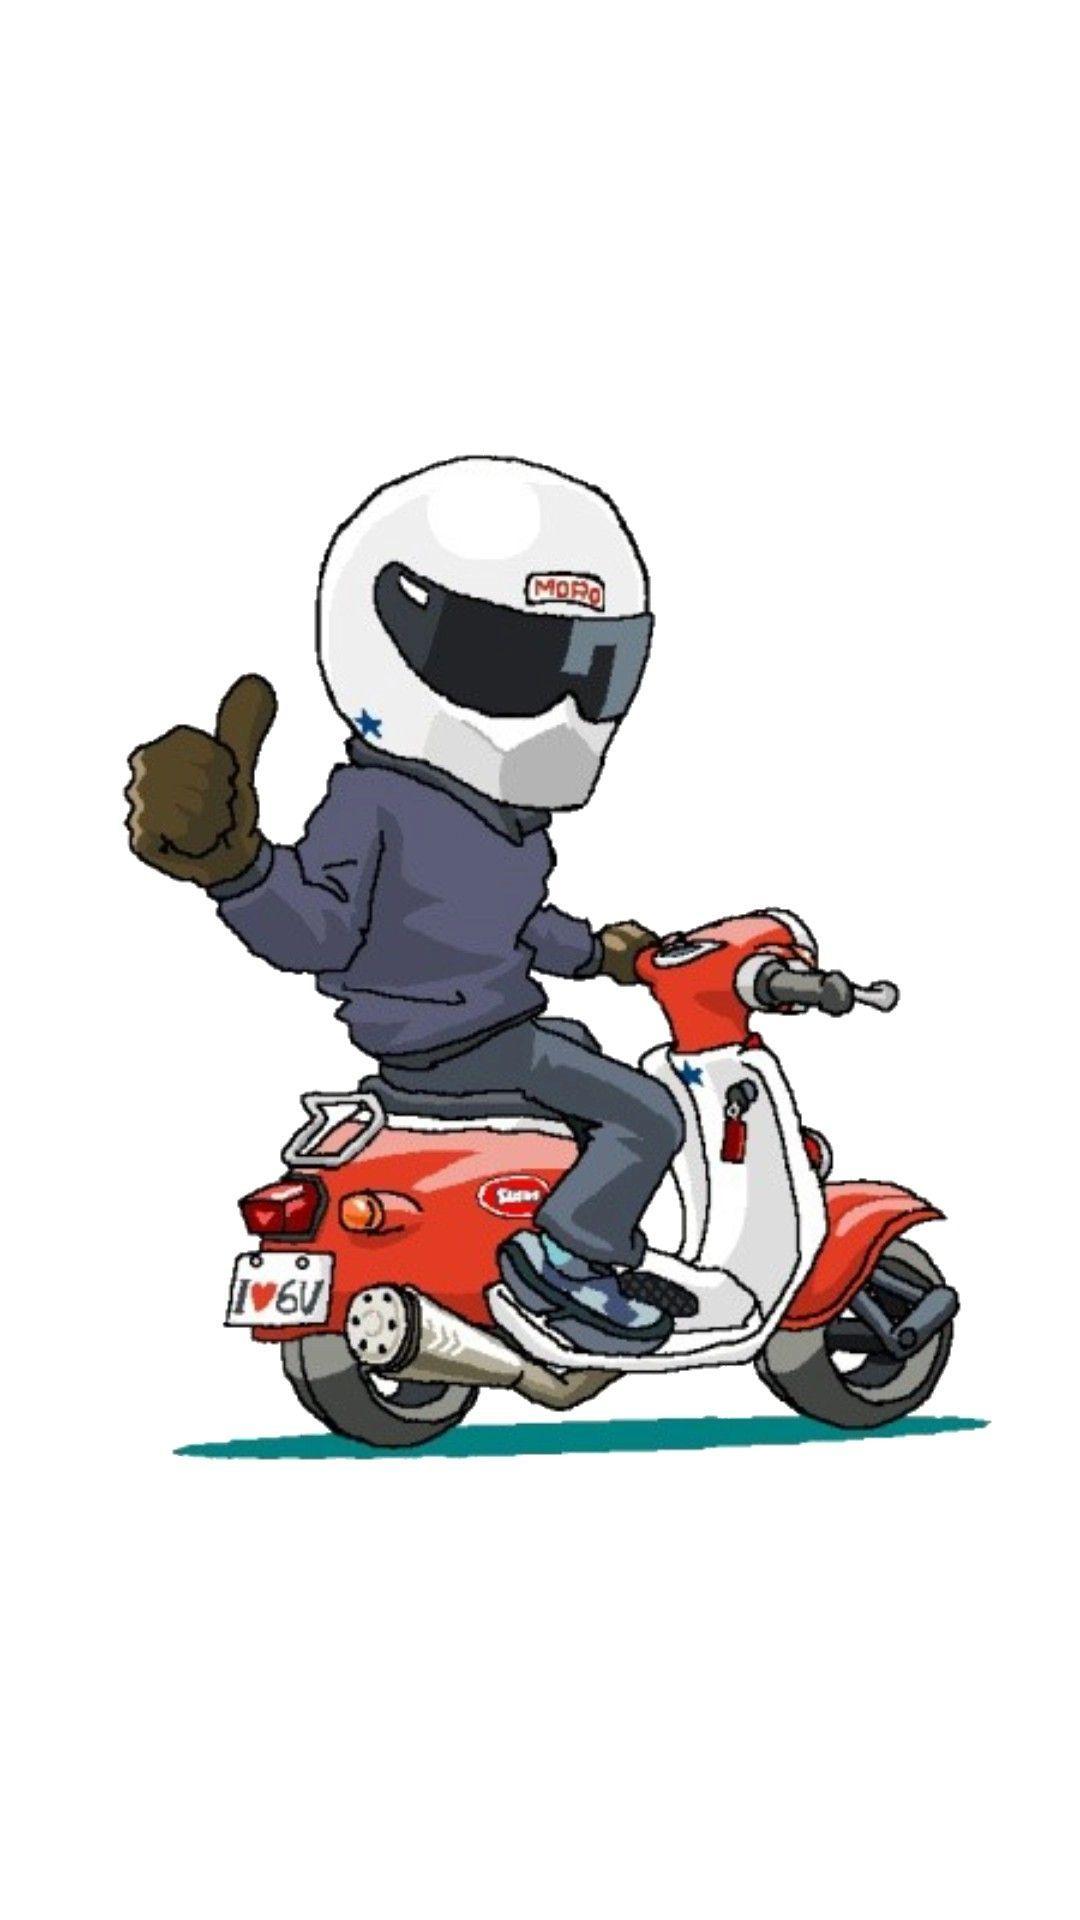 Motor Kartun Png : motor, kartun, Gambar, Motor, Vespa, Karikatur, Rosaemente.com, Sepeda,, Karikatur,, Kartun